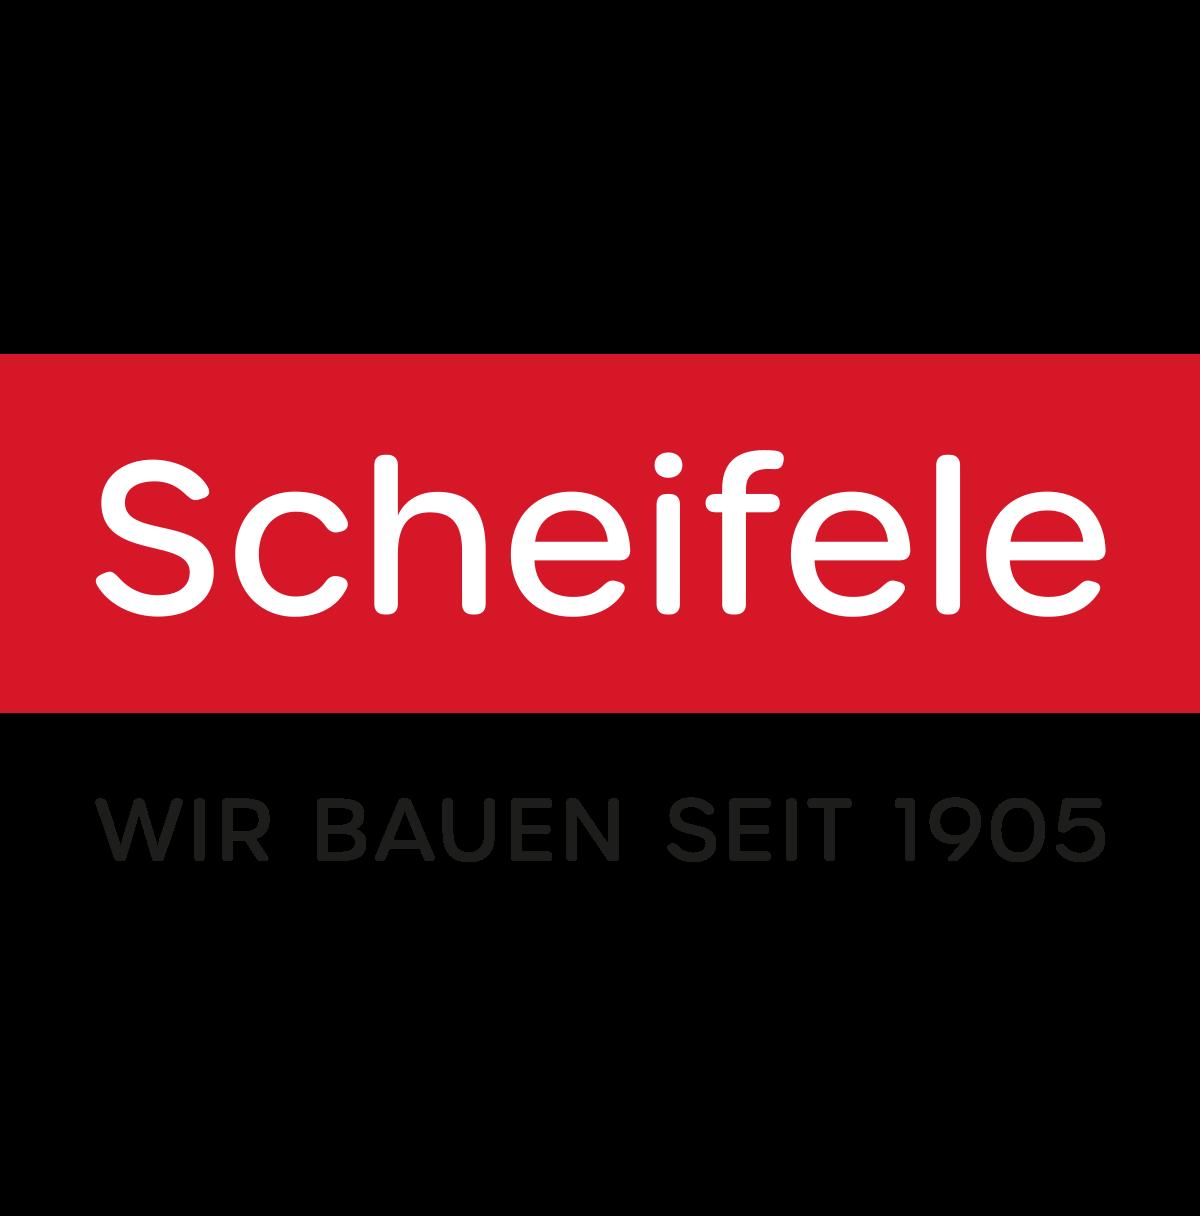 Scheifele